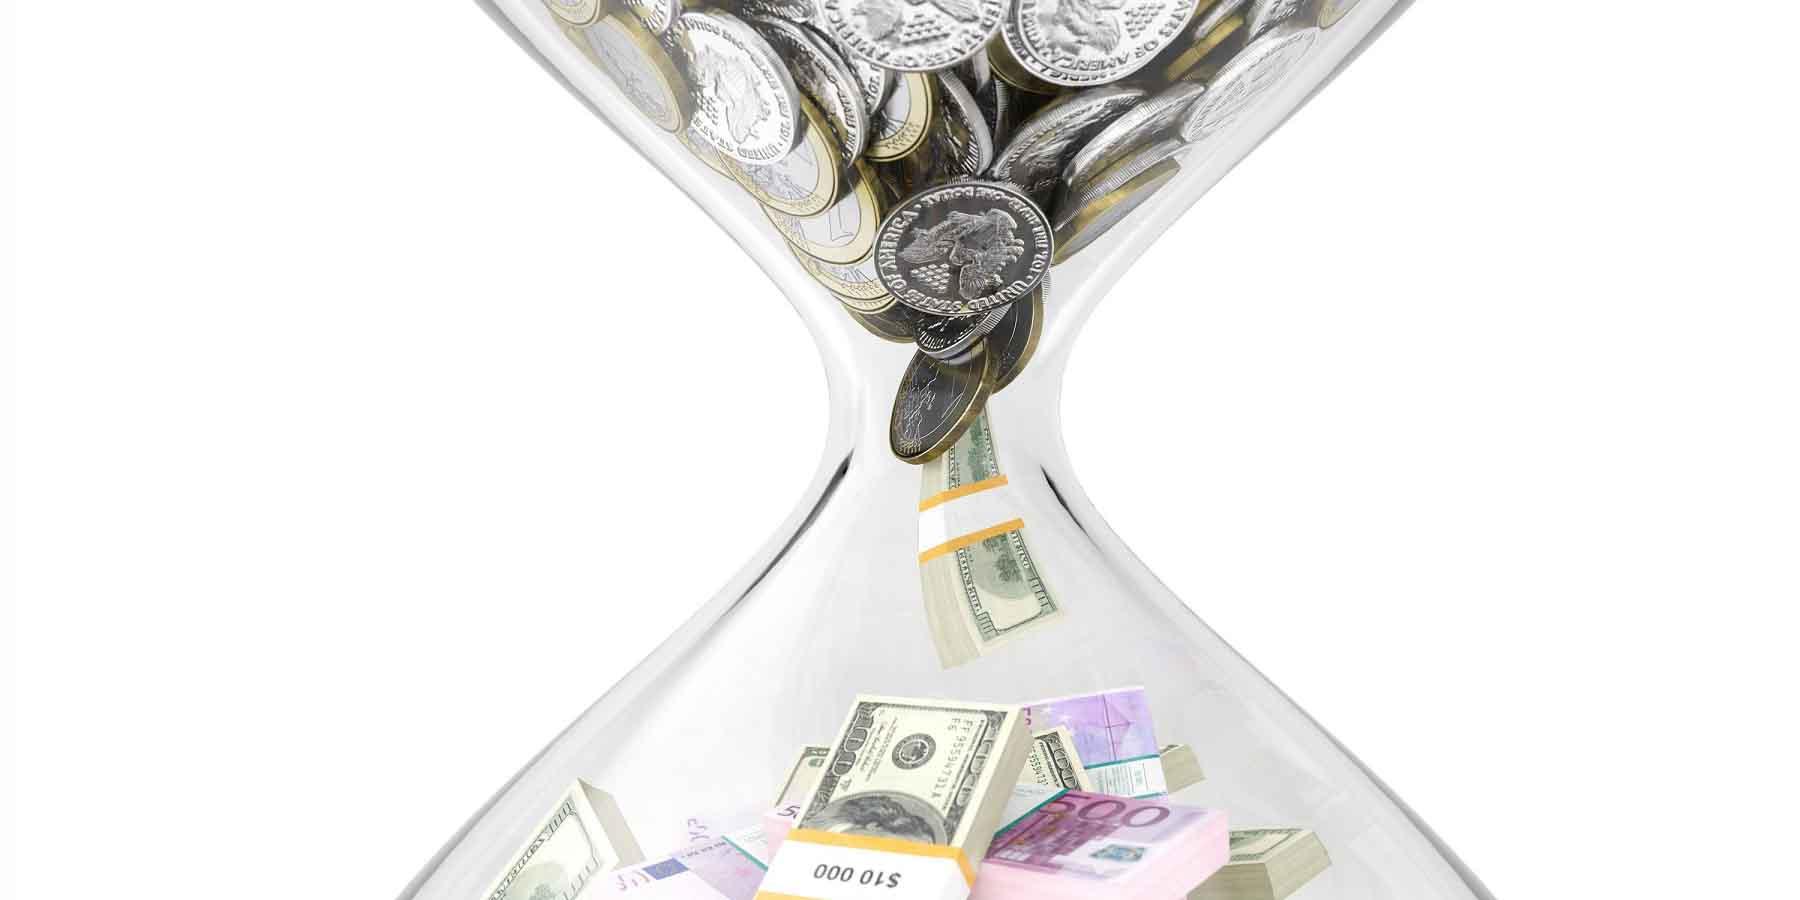 حلقه مفقوده بهرهگیری از تجربه سرمایهگذاران